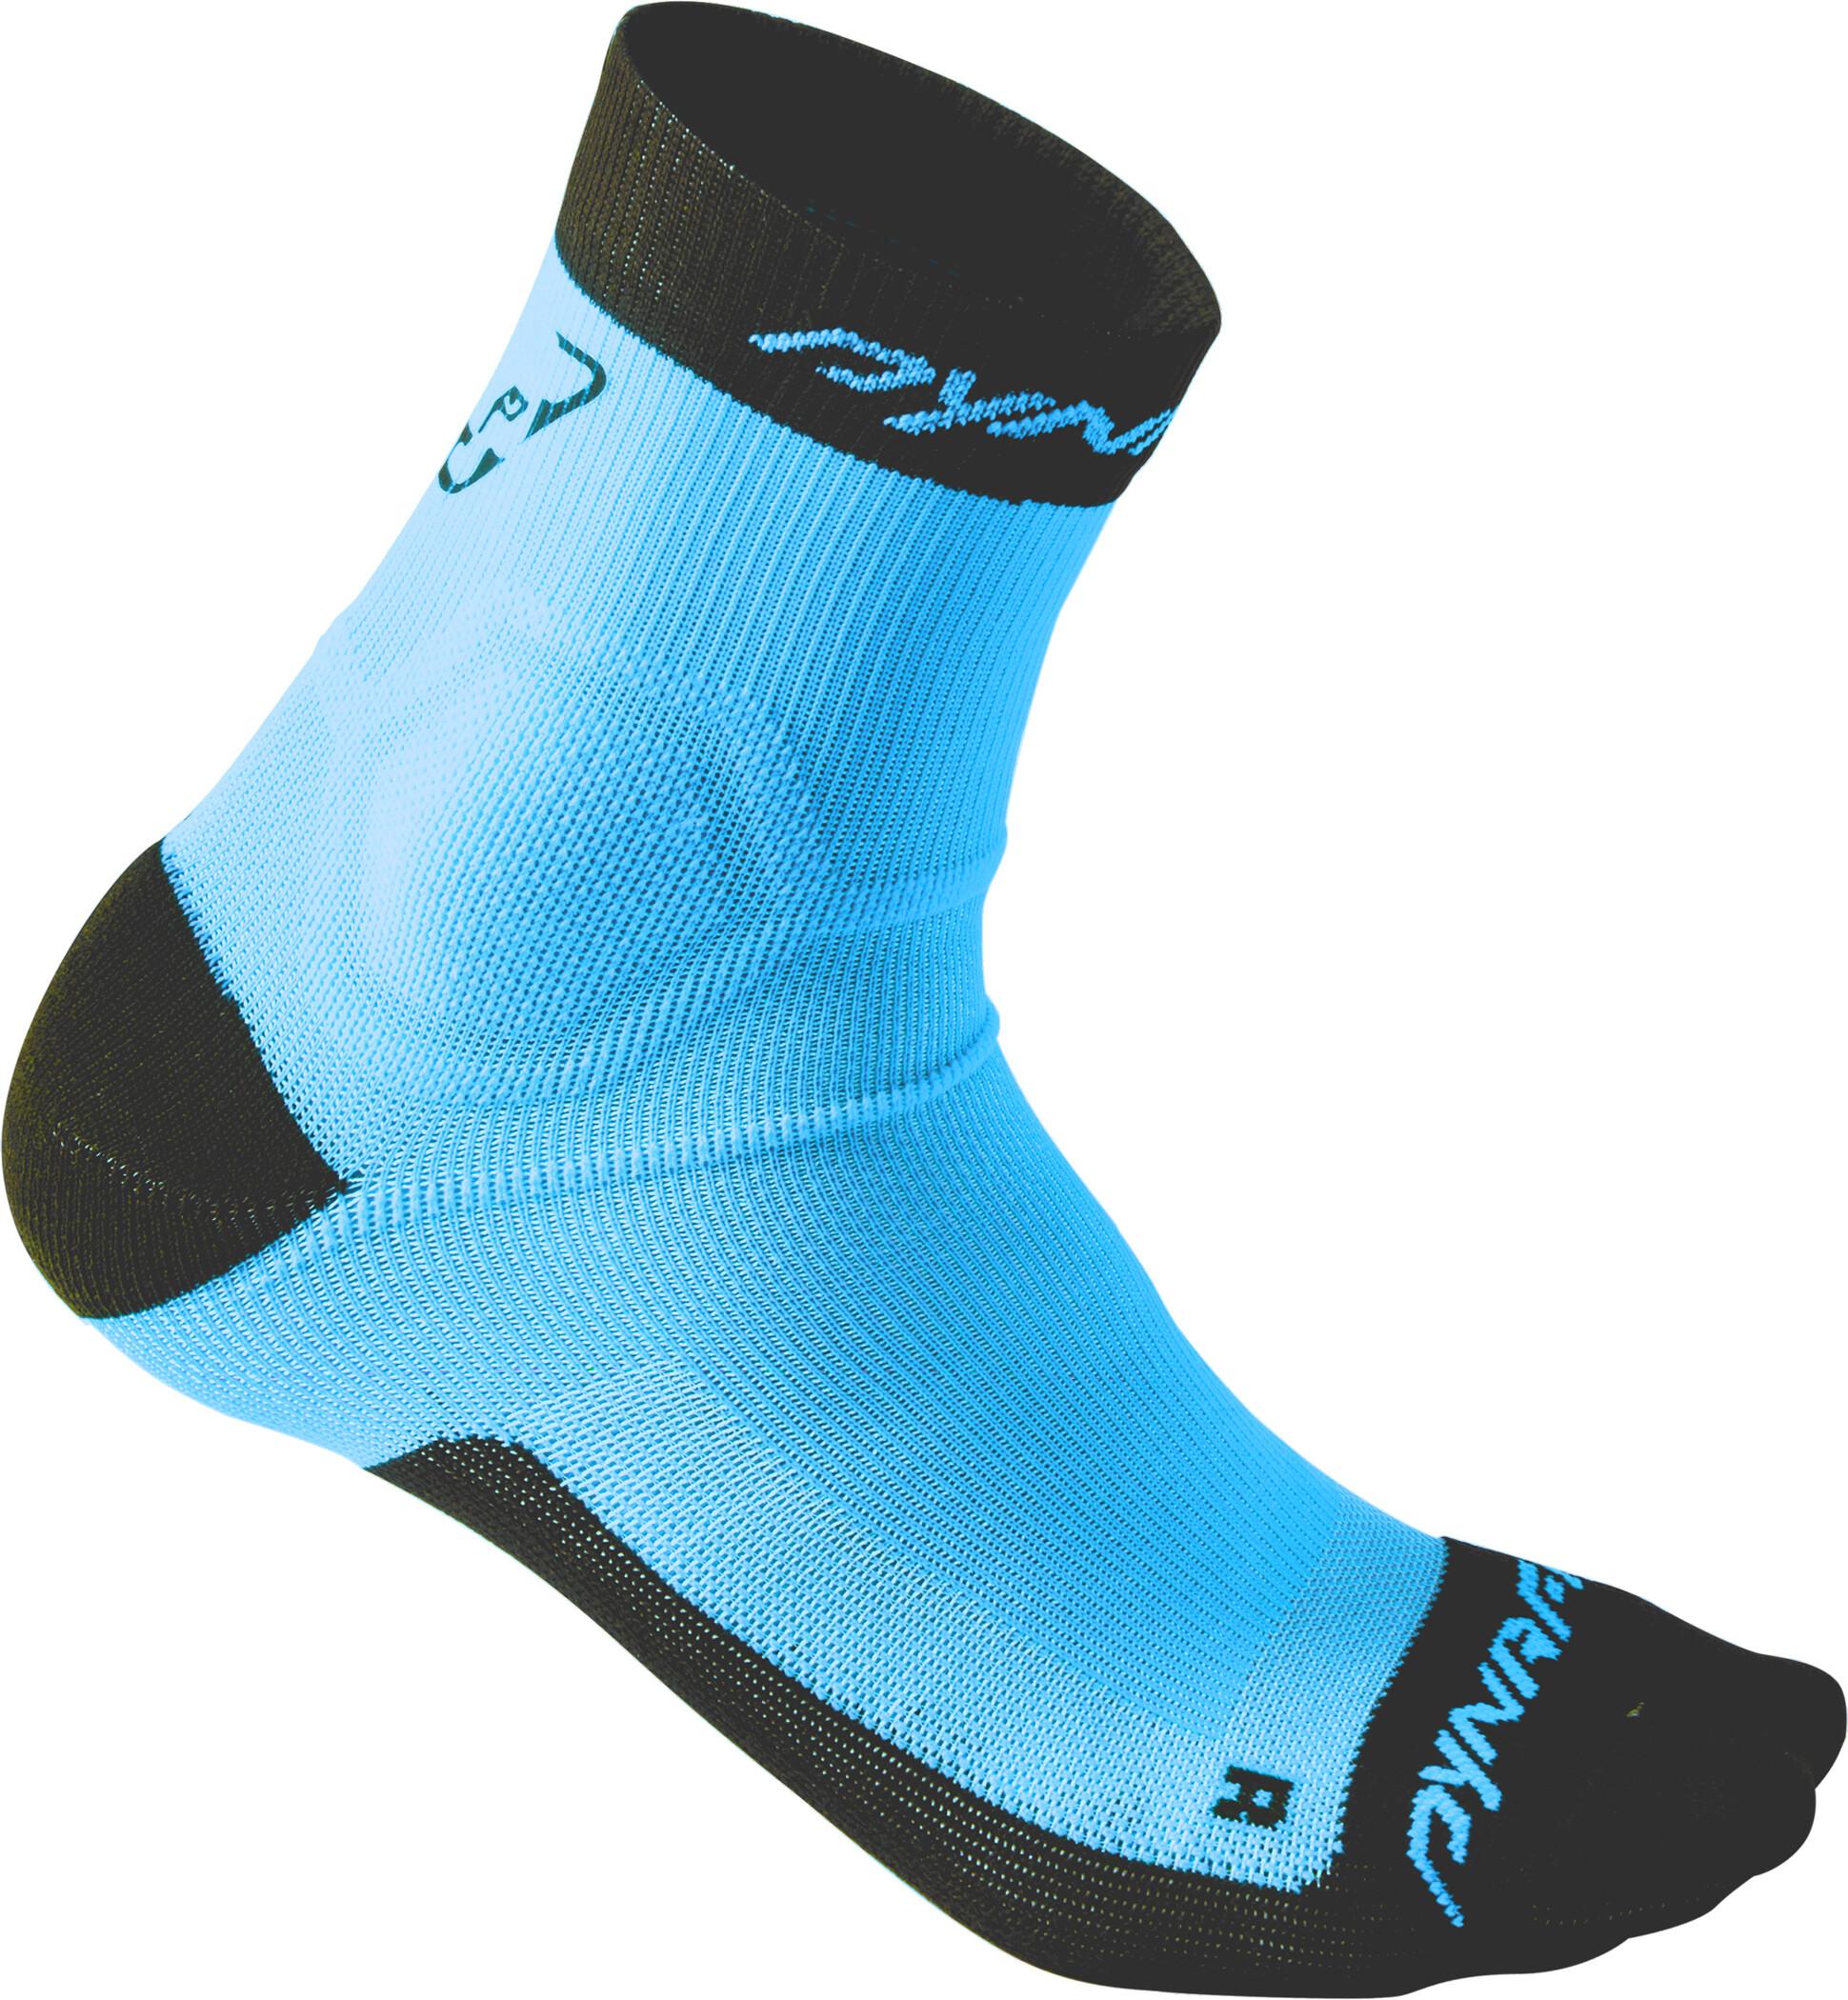 Dynafit Alpine Korte strømper, methyl blue (2019) | Socks